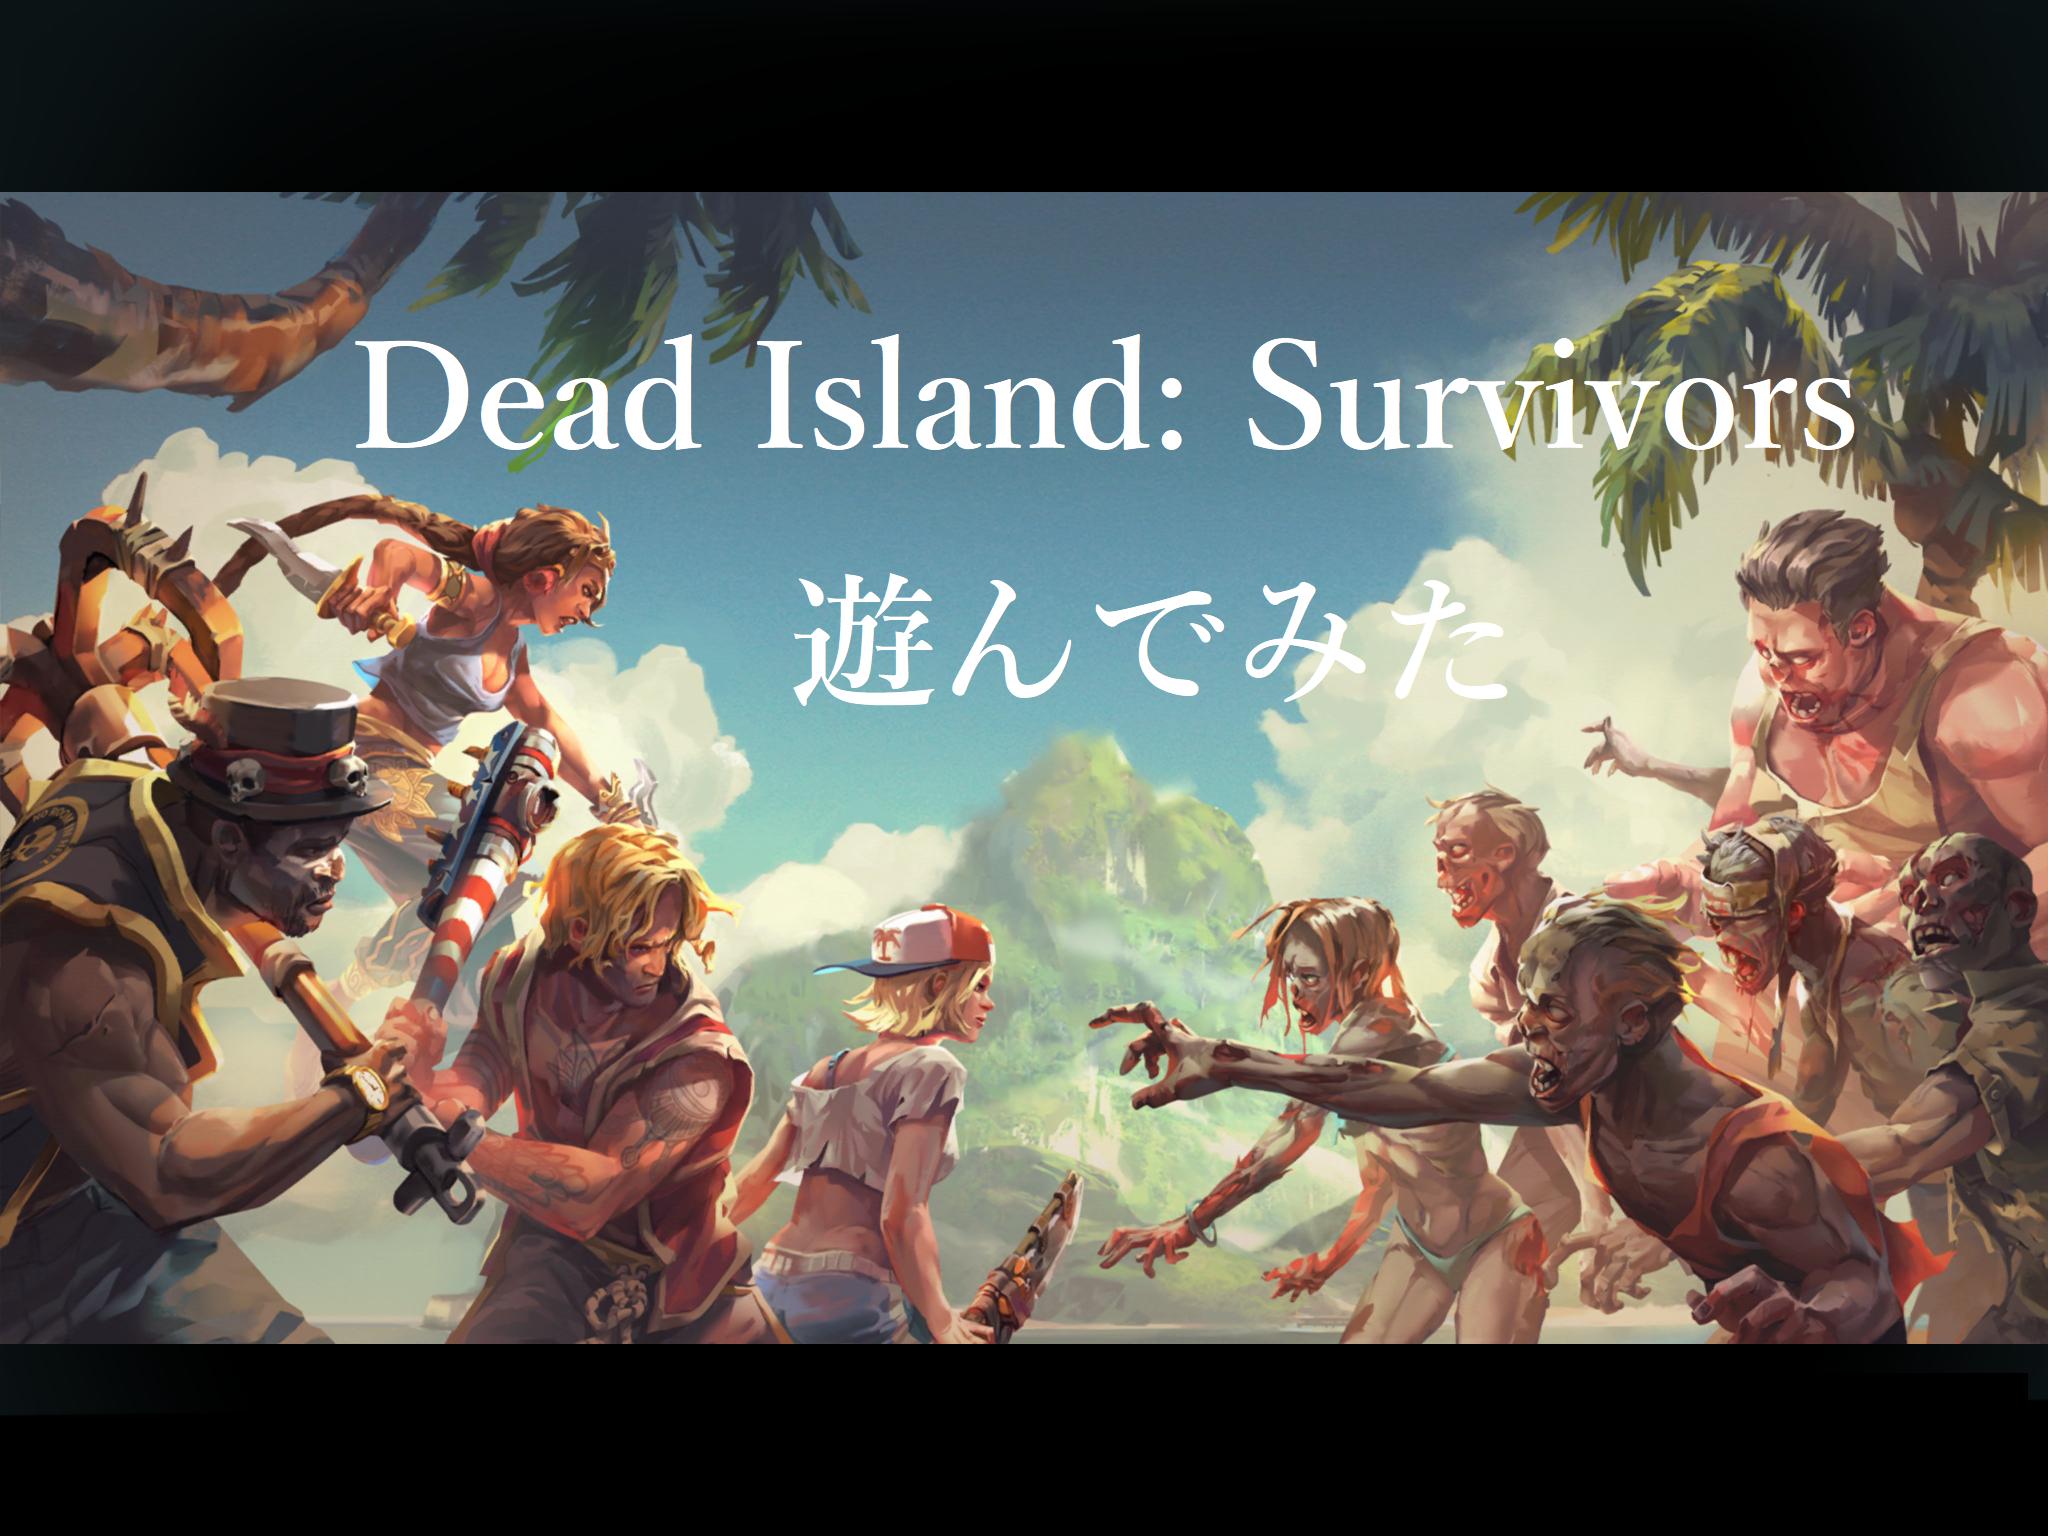 戦略+アクションの融合系! デッドアイランドサバイバーズを遊んでみた!【Dead Island: Survivors】